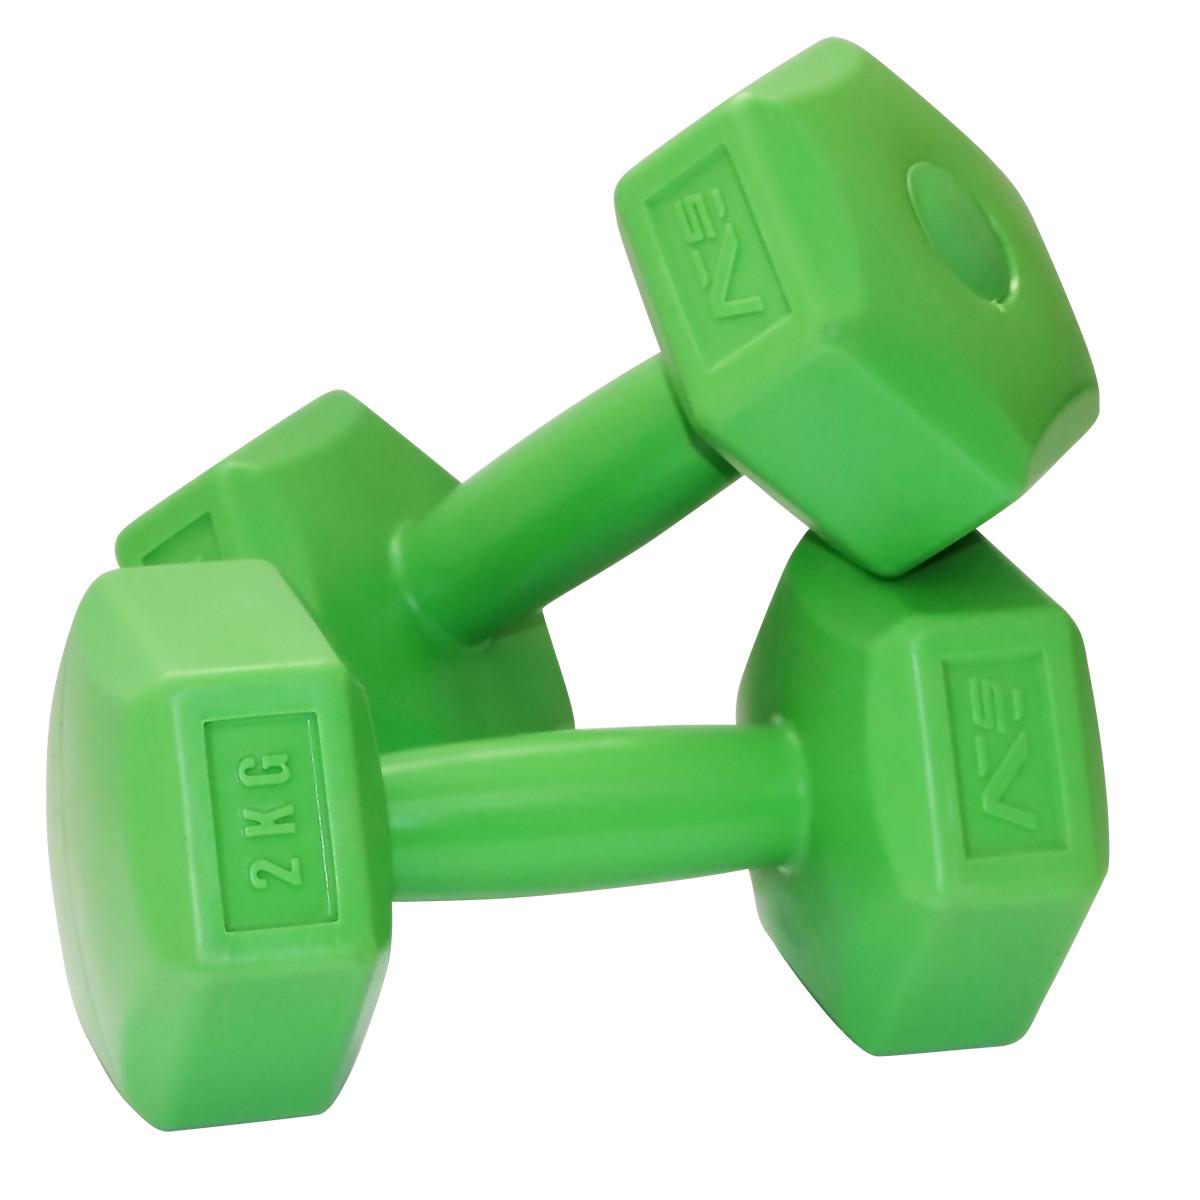 Гантели для фитнеса SportVida 2 x 2 кг SV-HK0218. Гексагональные гантели с пластиковым покрытием